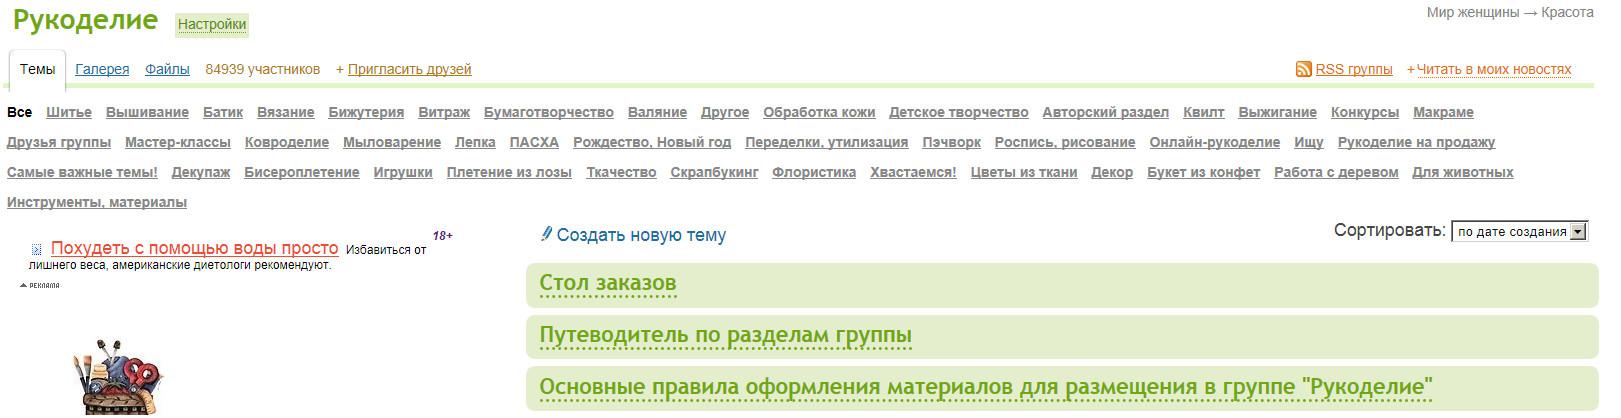 Общение в интернете. Subscribe.Ru.